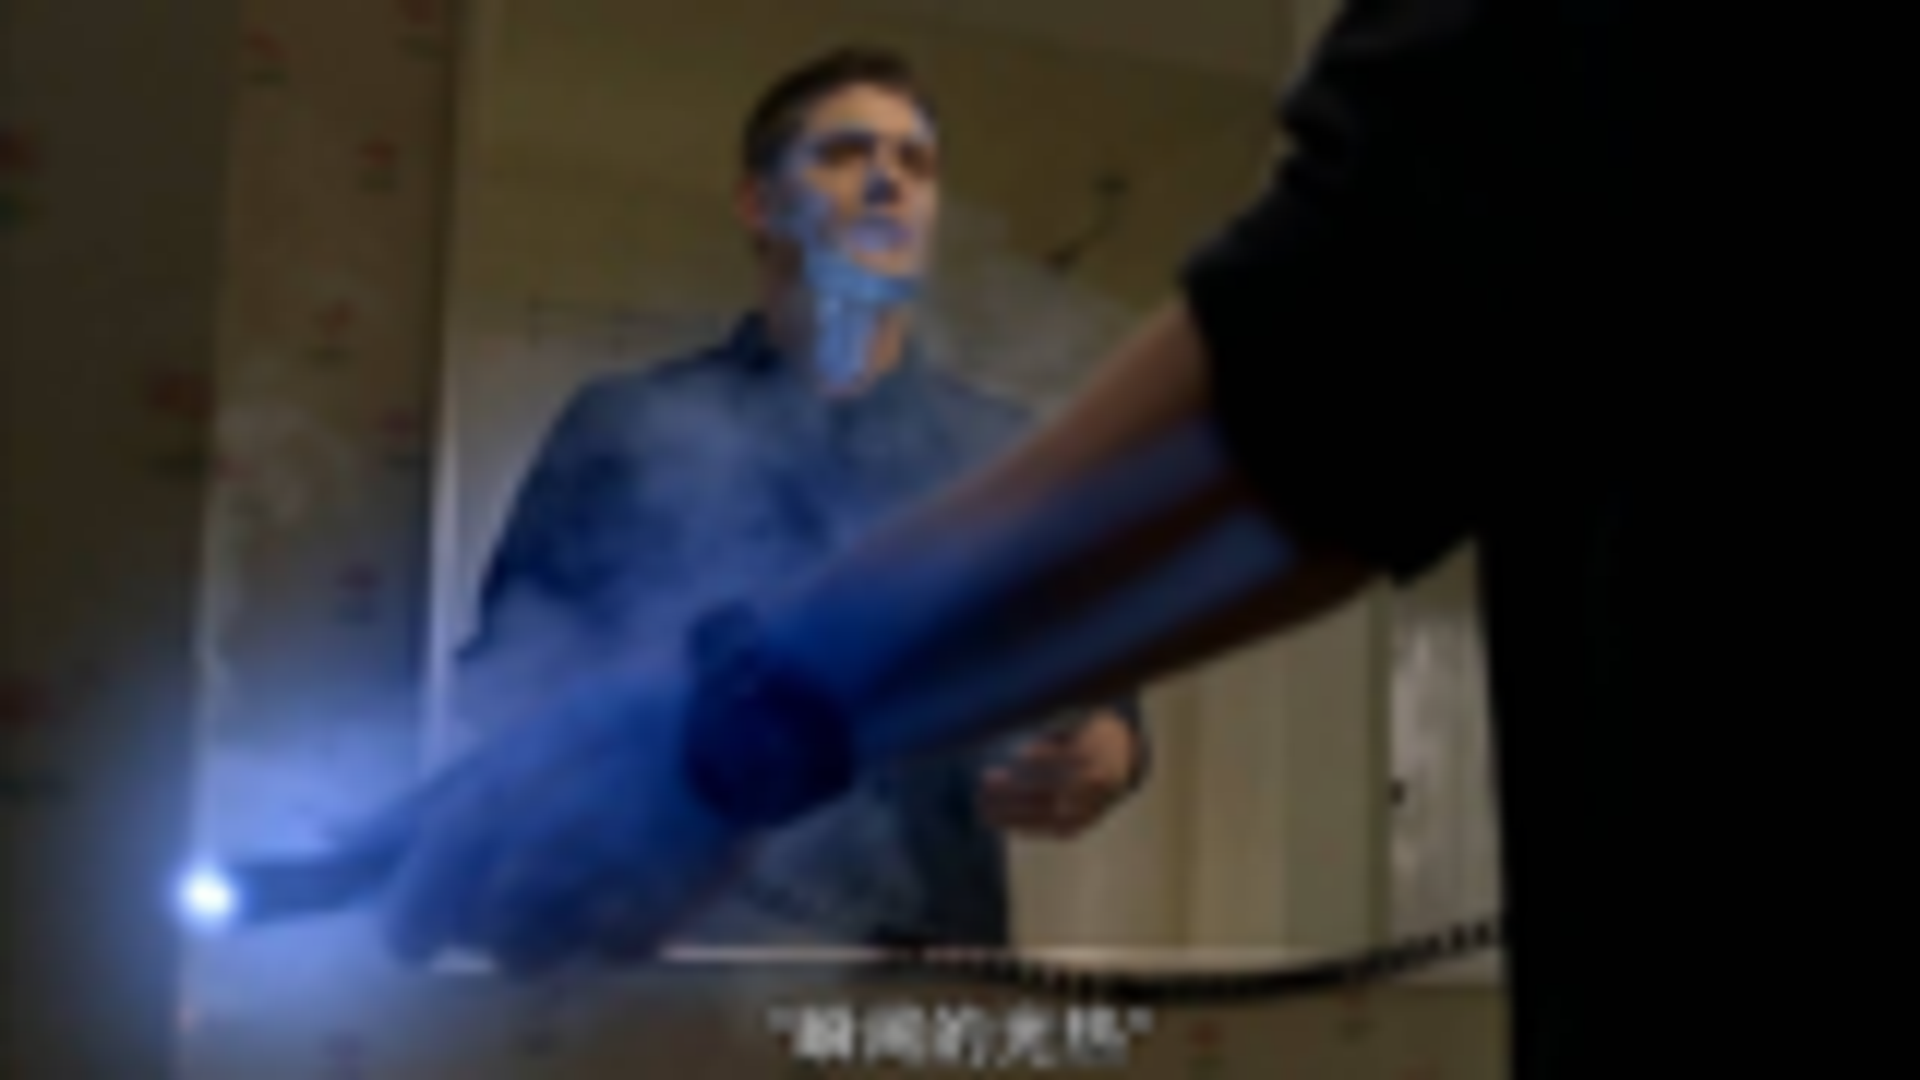 美剧《邪恶力量》第三季11:一天之内,小伙经历了100种死法,但最后才发现一切都是恶作剧